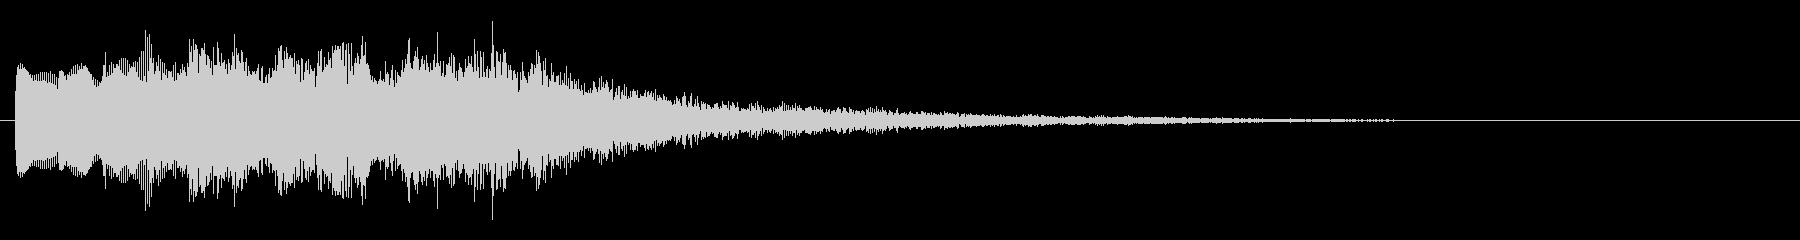 KANT シンセアイキャッチ011096の未再生の波形